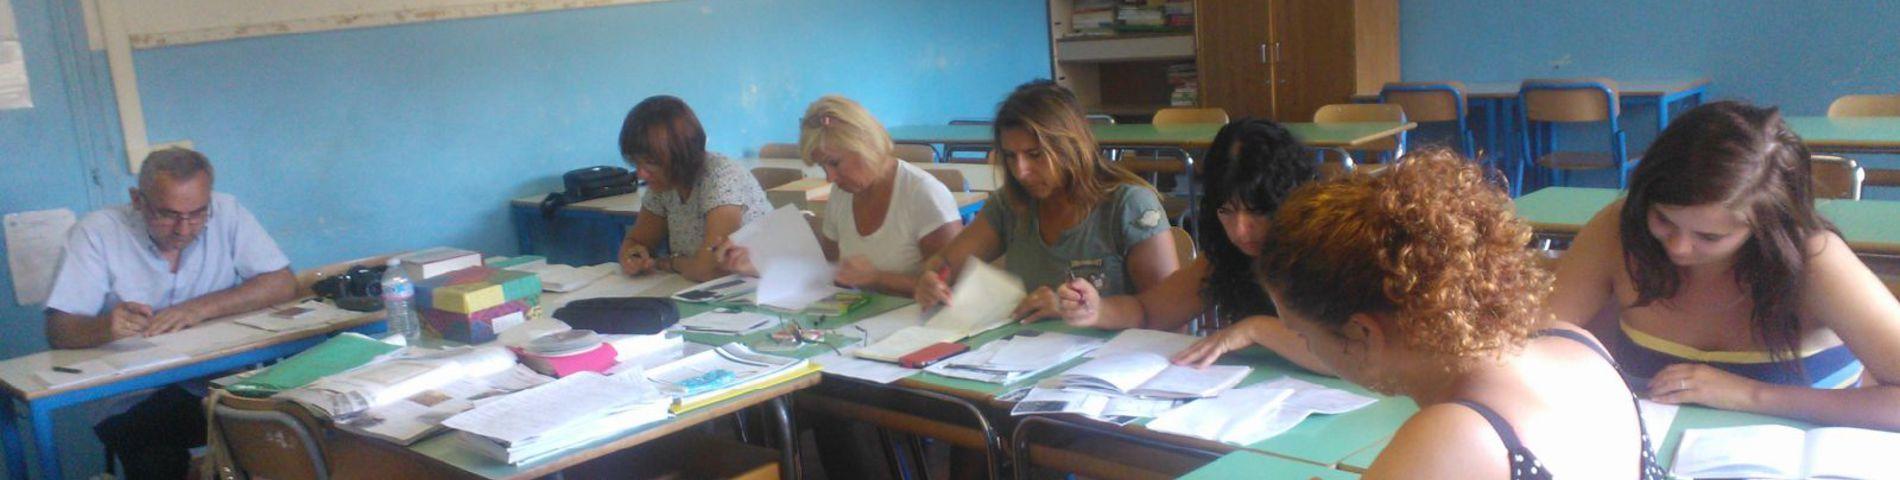 ILM - Istituto Linguistico Mediterraneo bild 1